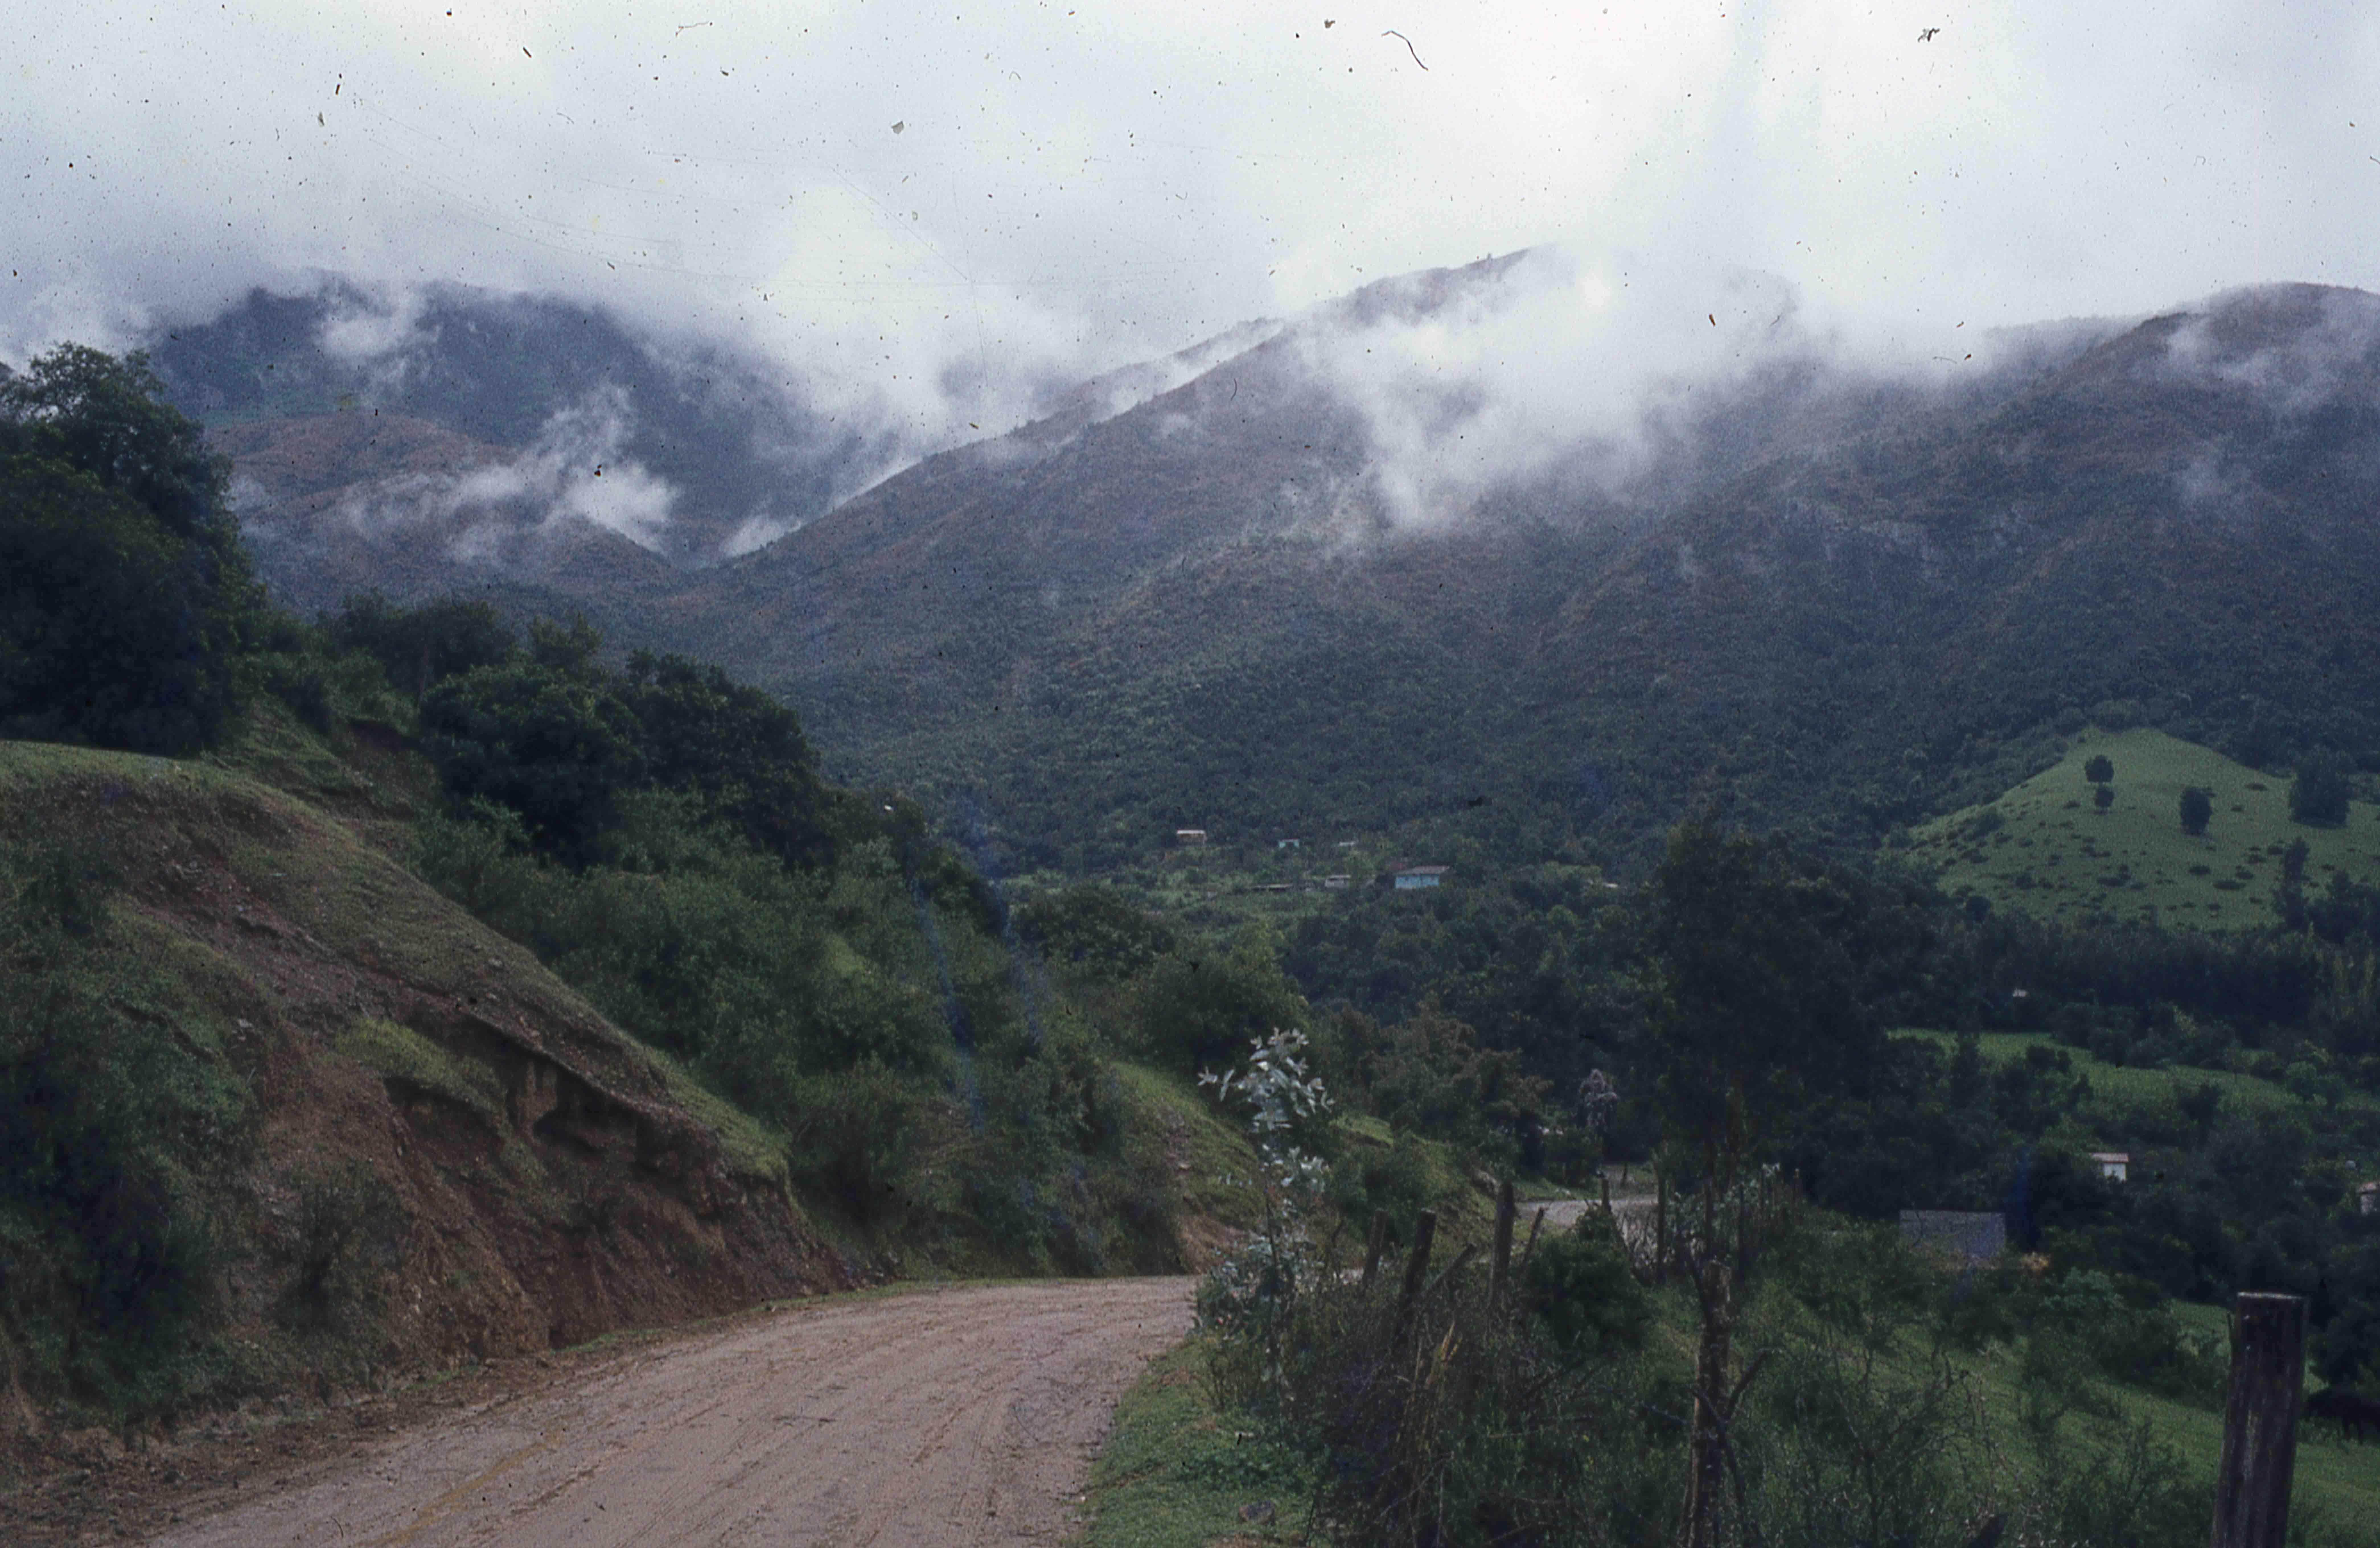 Enterreno - Fotos históricas de chile - fotos antiguas de Chile - Sector Parque Nacional la Campana en los 70s